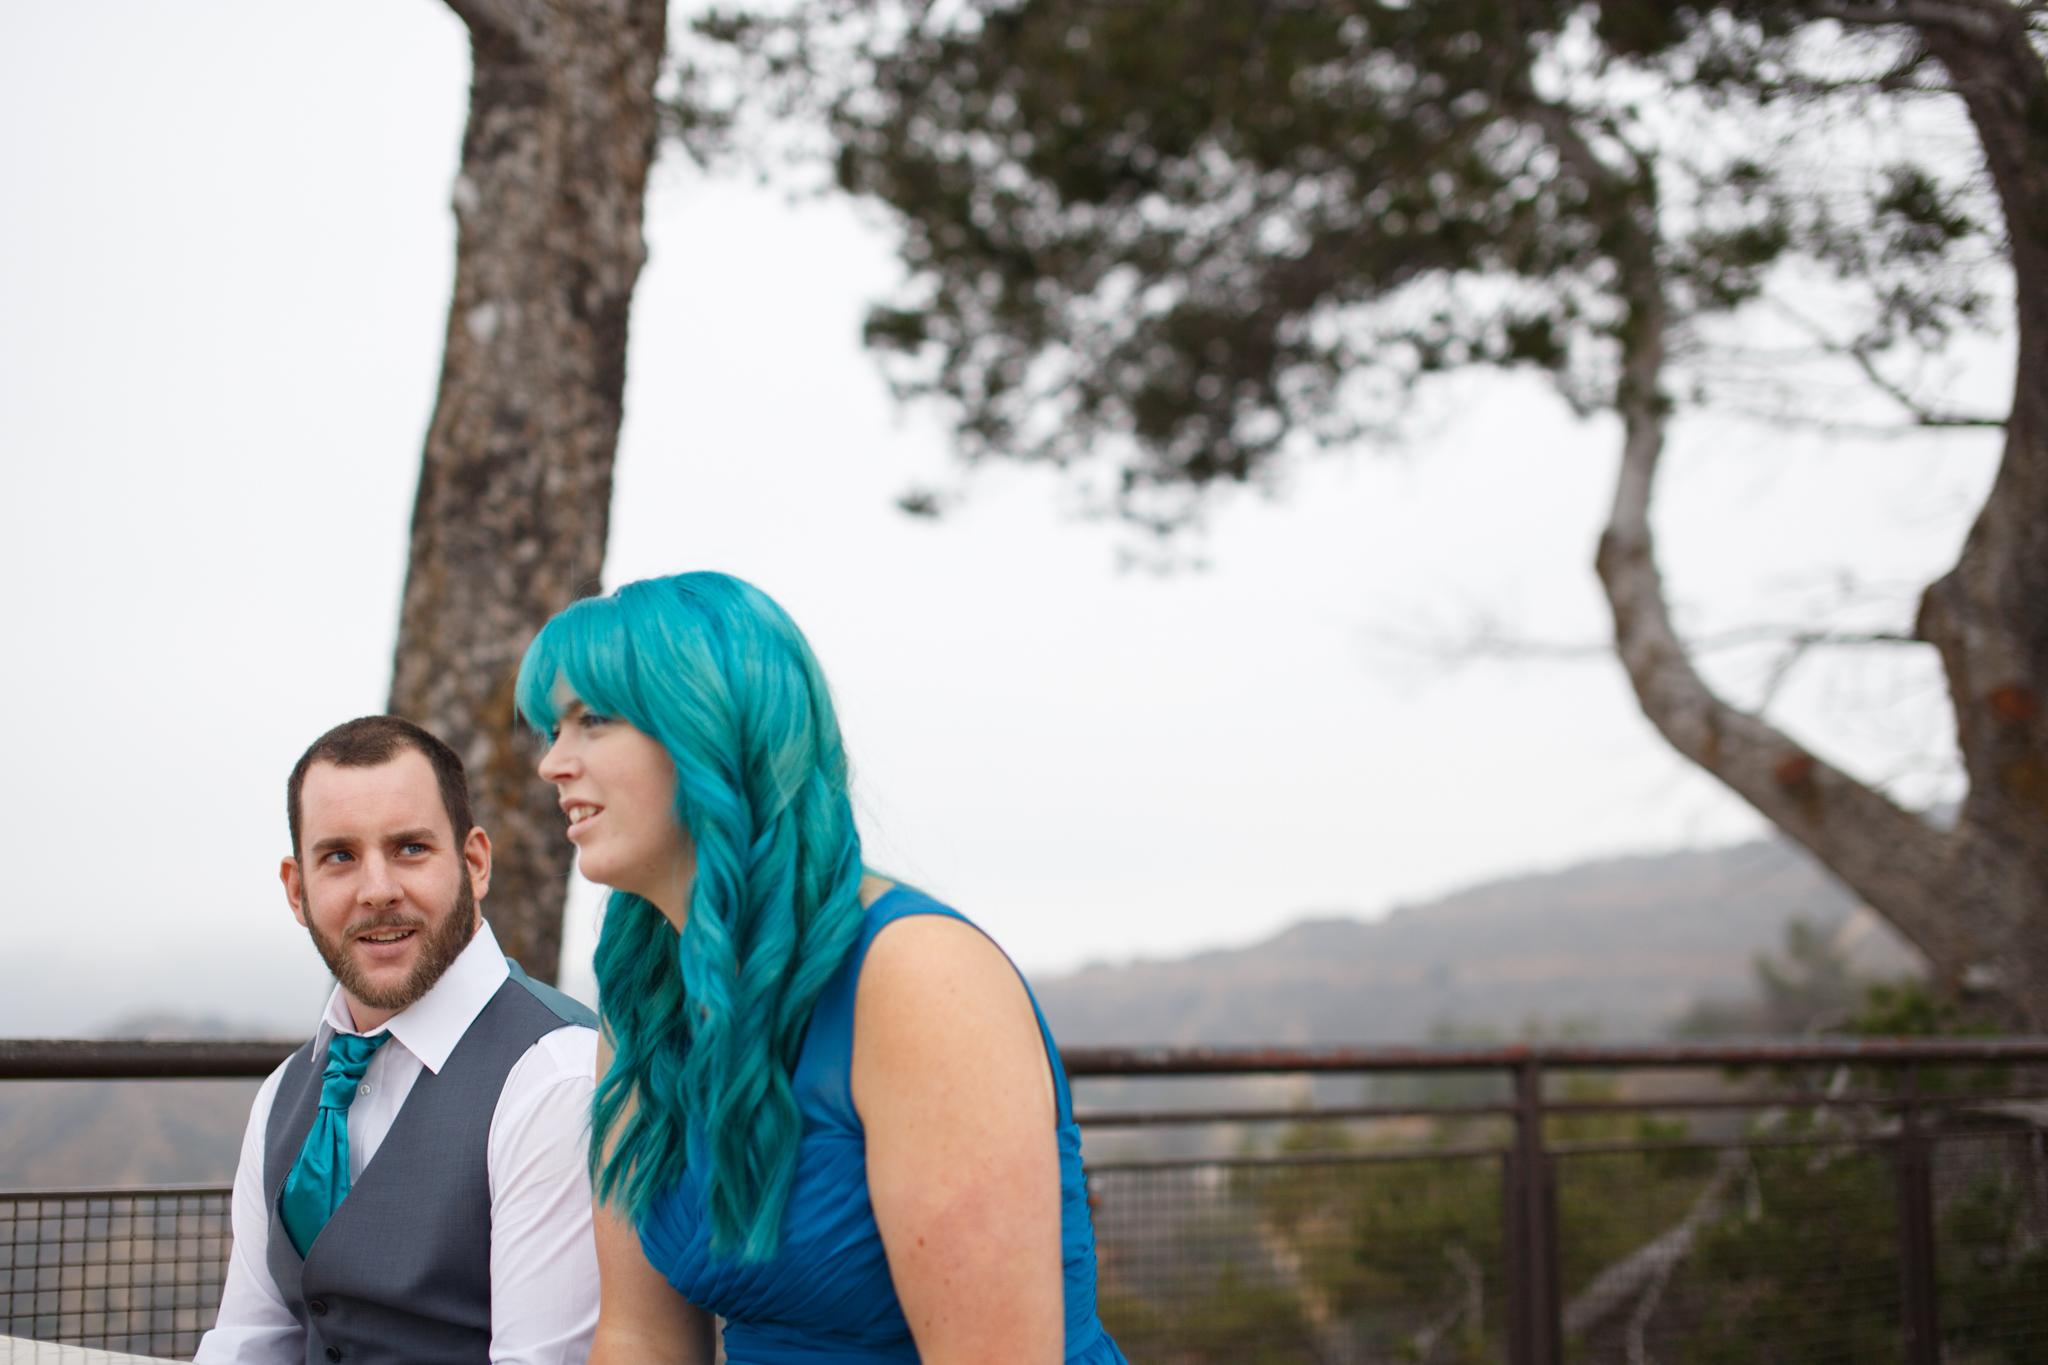 Simon_Rawling_Wedding_Photography0-10.jpg